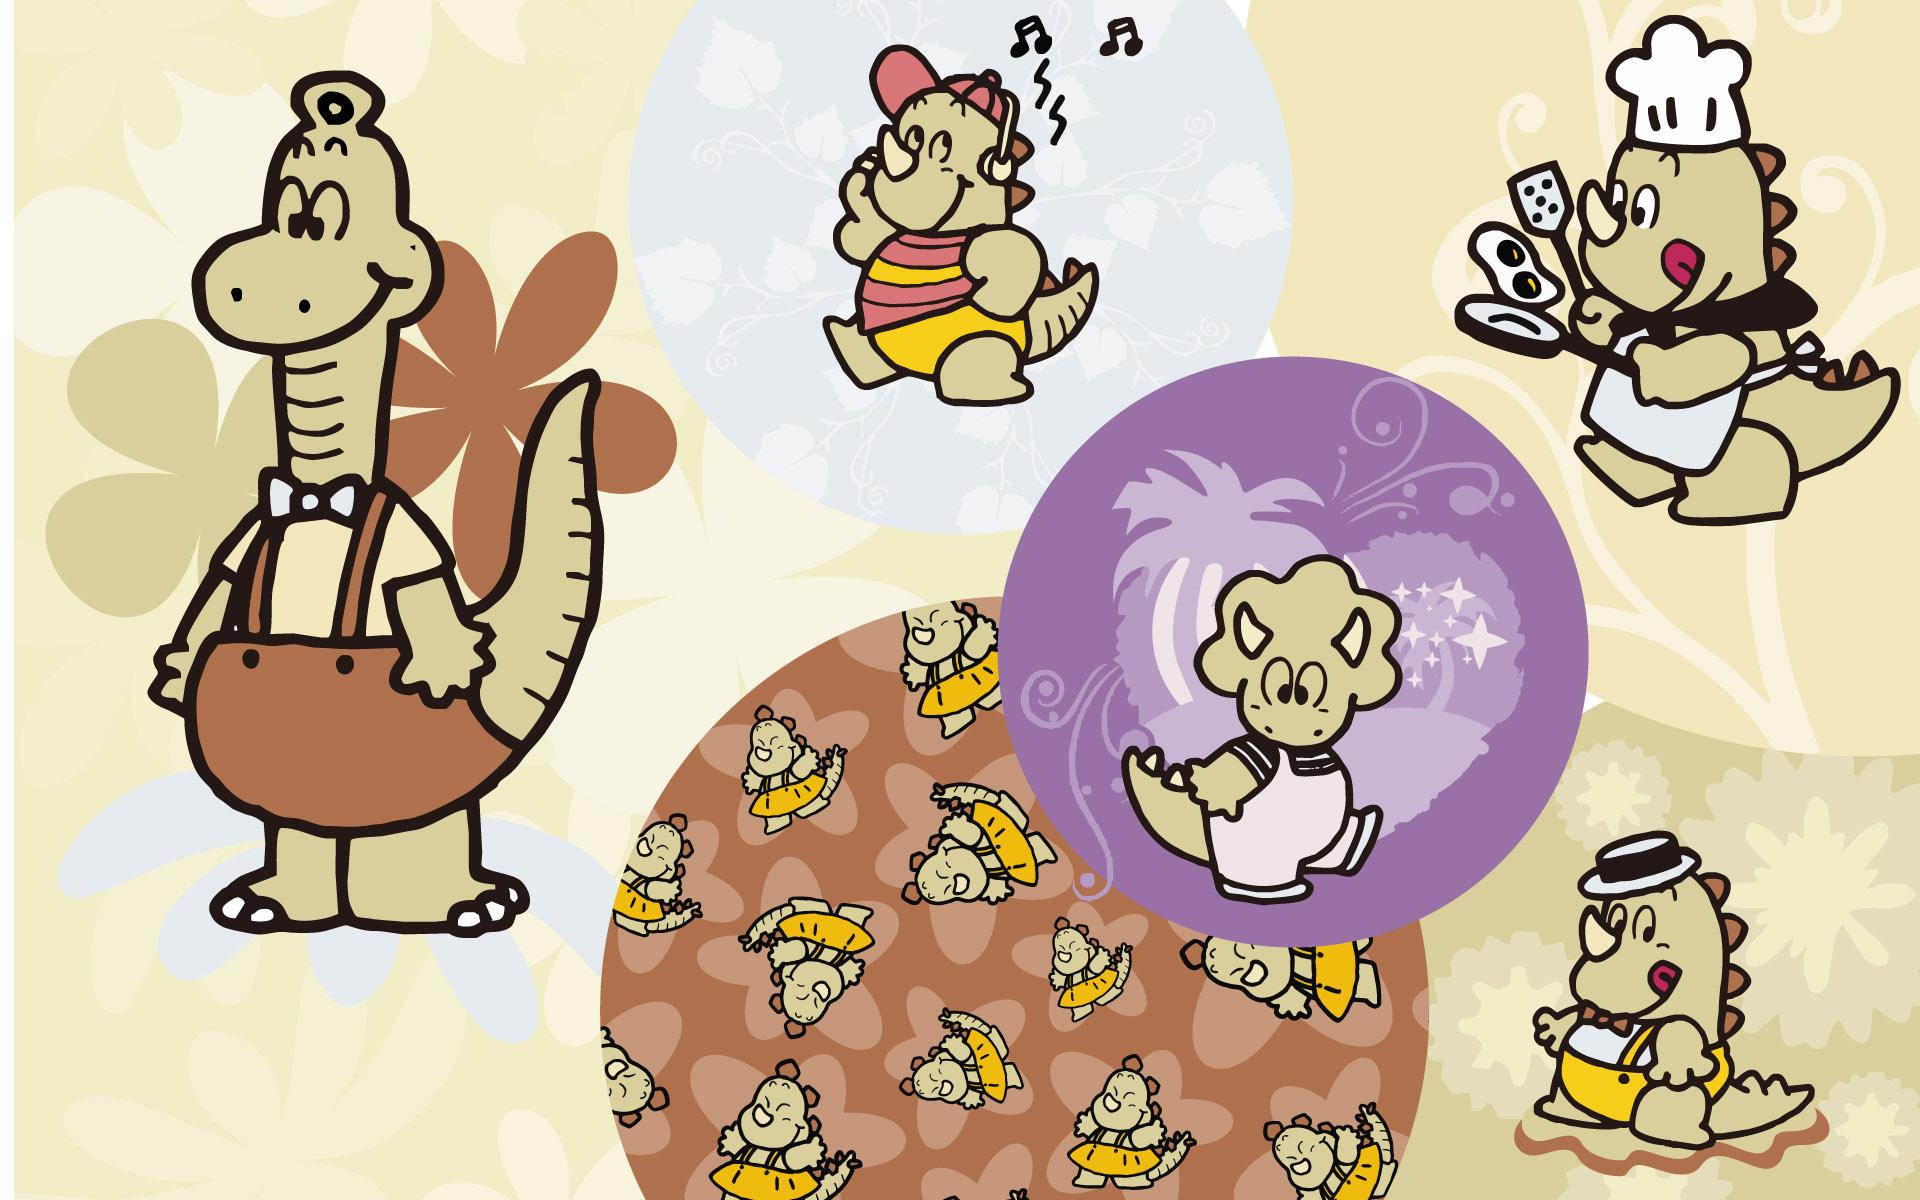 可爱的卡通人物背景图片素材专辑2(20p)[中国资源网